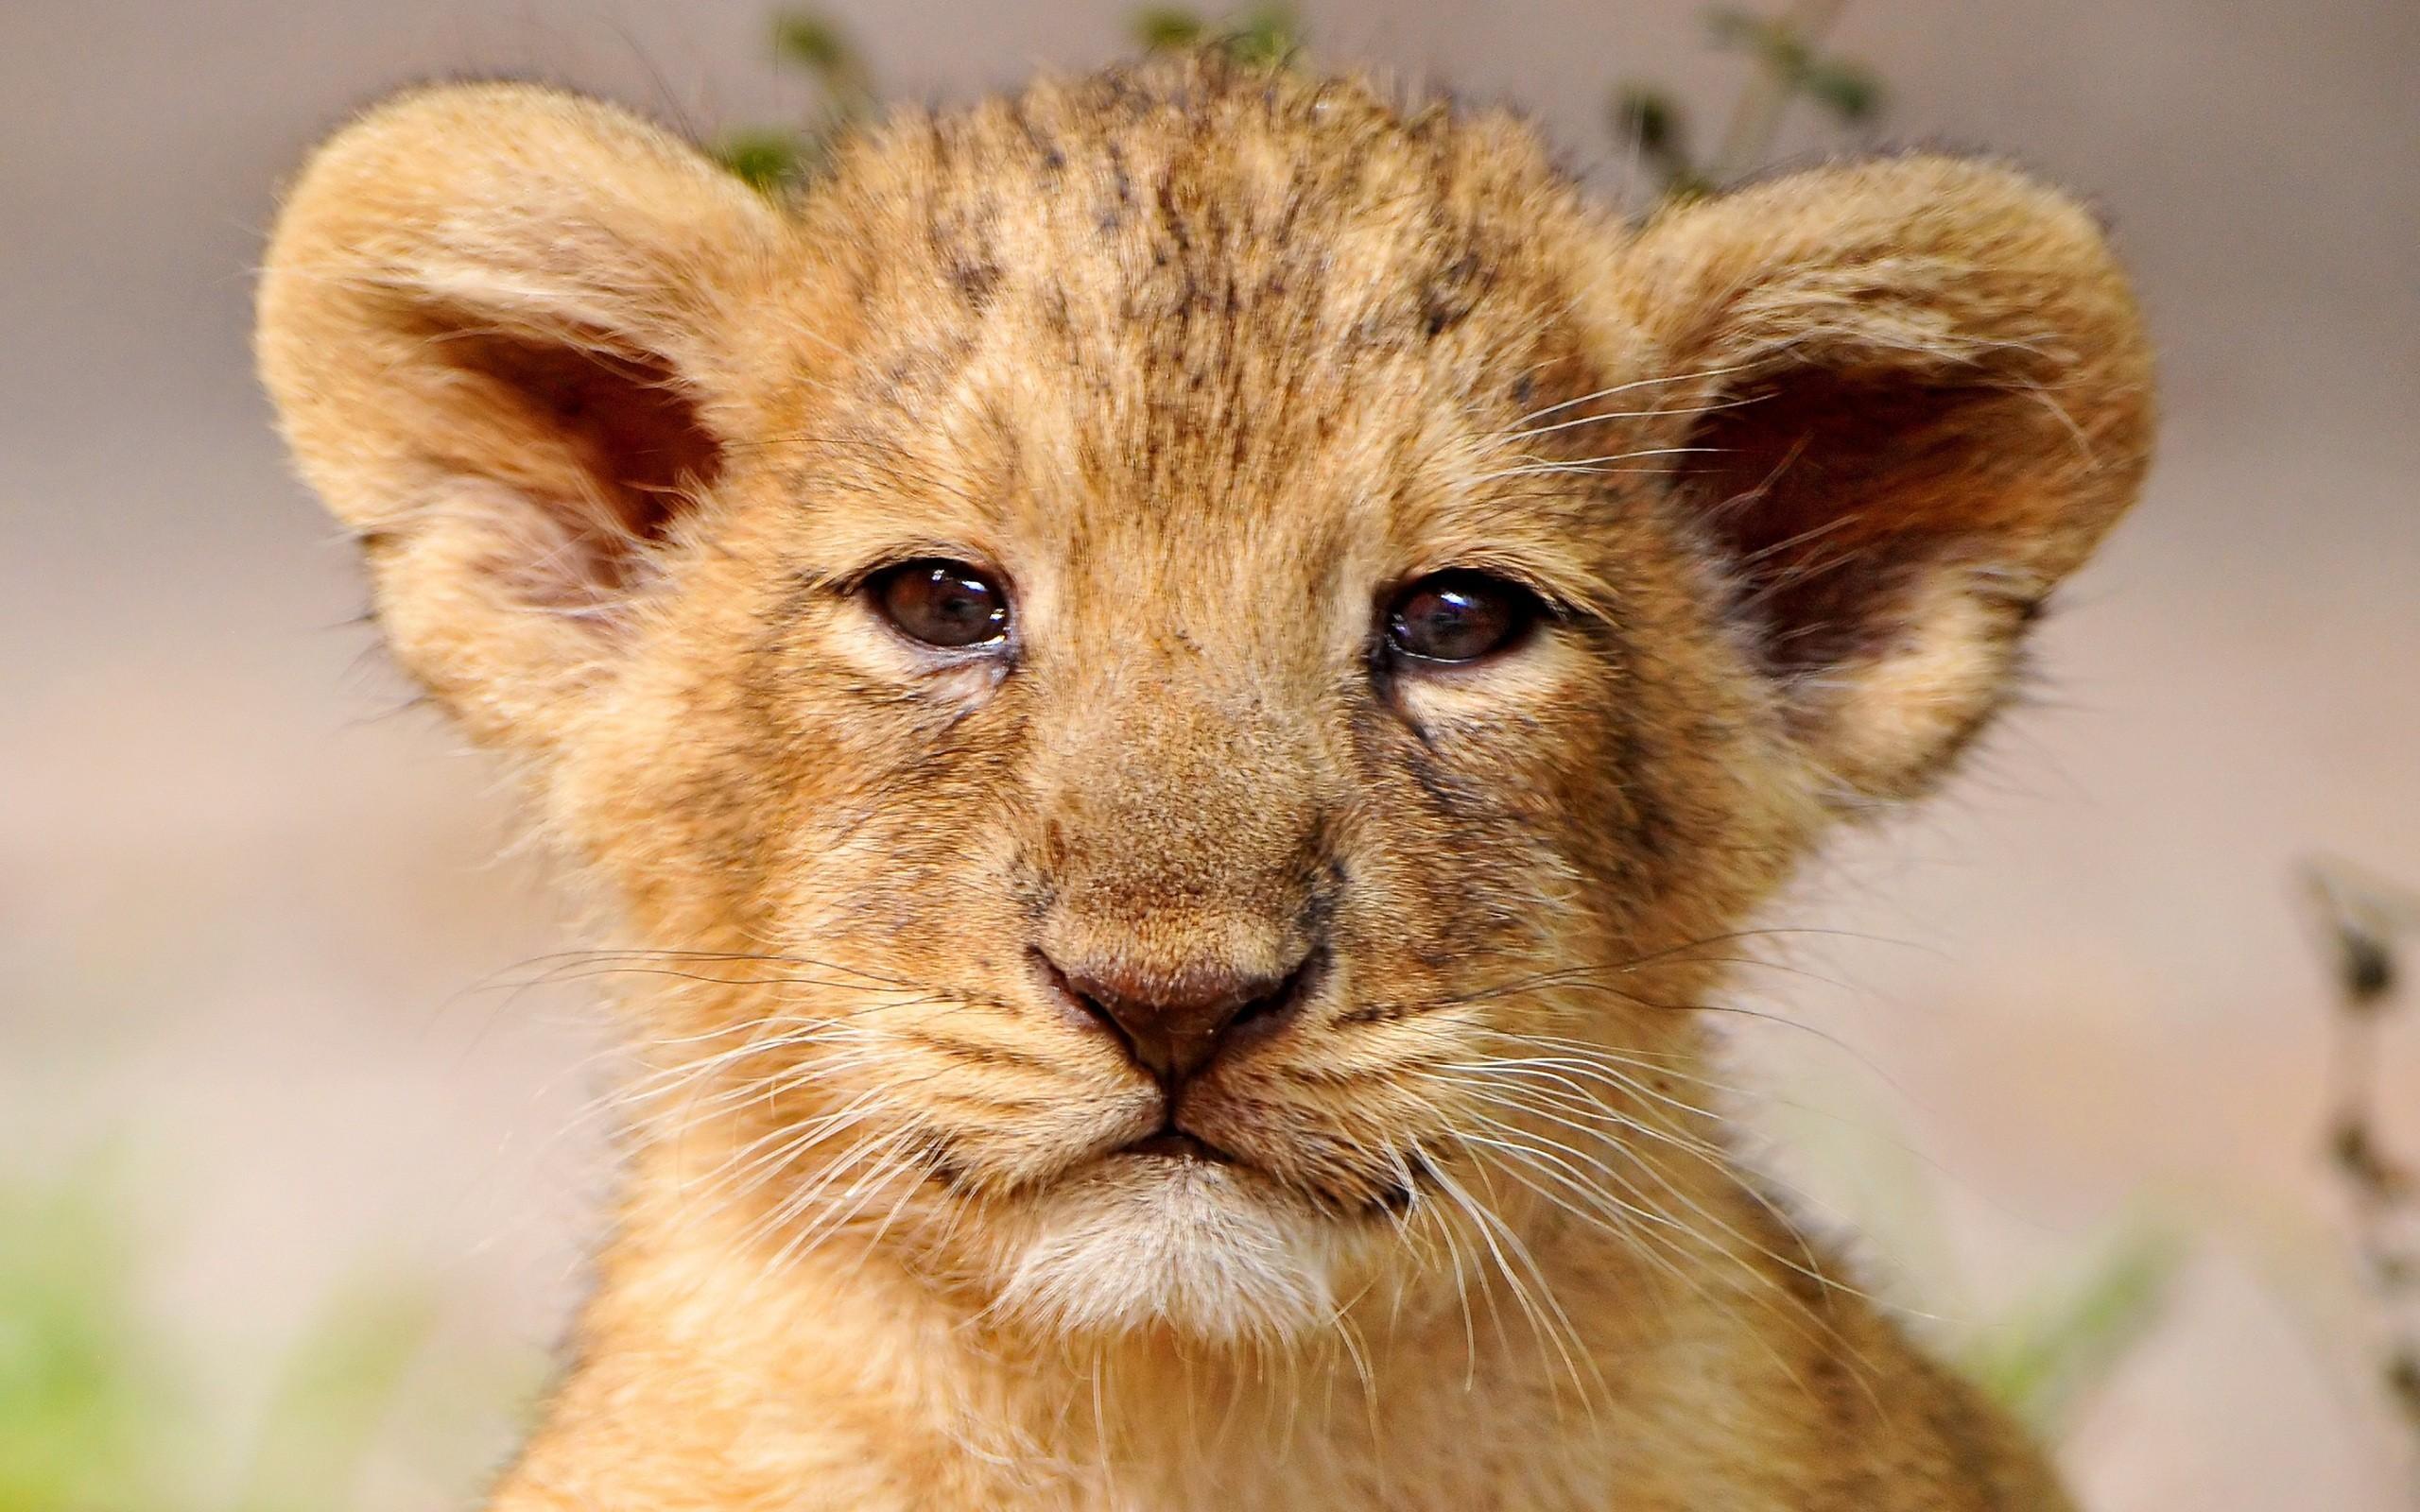 Baby Face Lion Wallpaper Desktop 5496 Wallpaper Wallpaper Screen 2560x1600